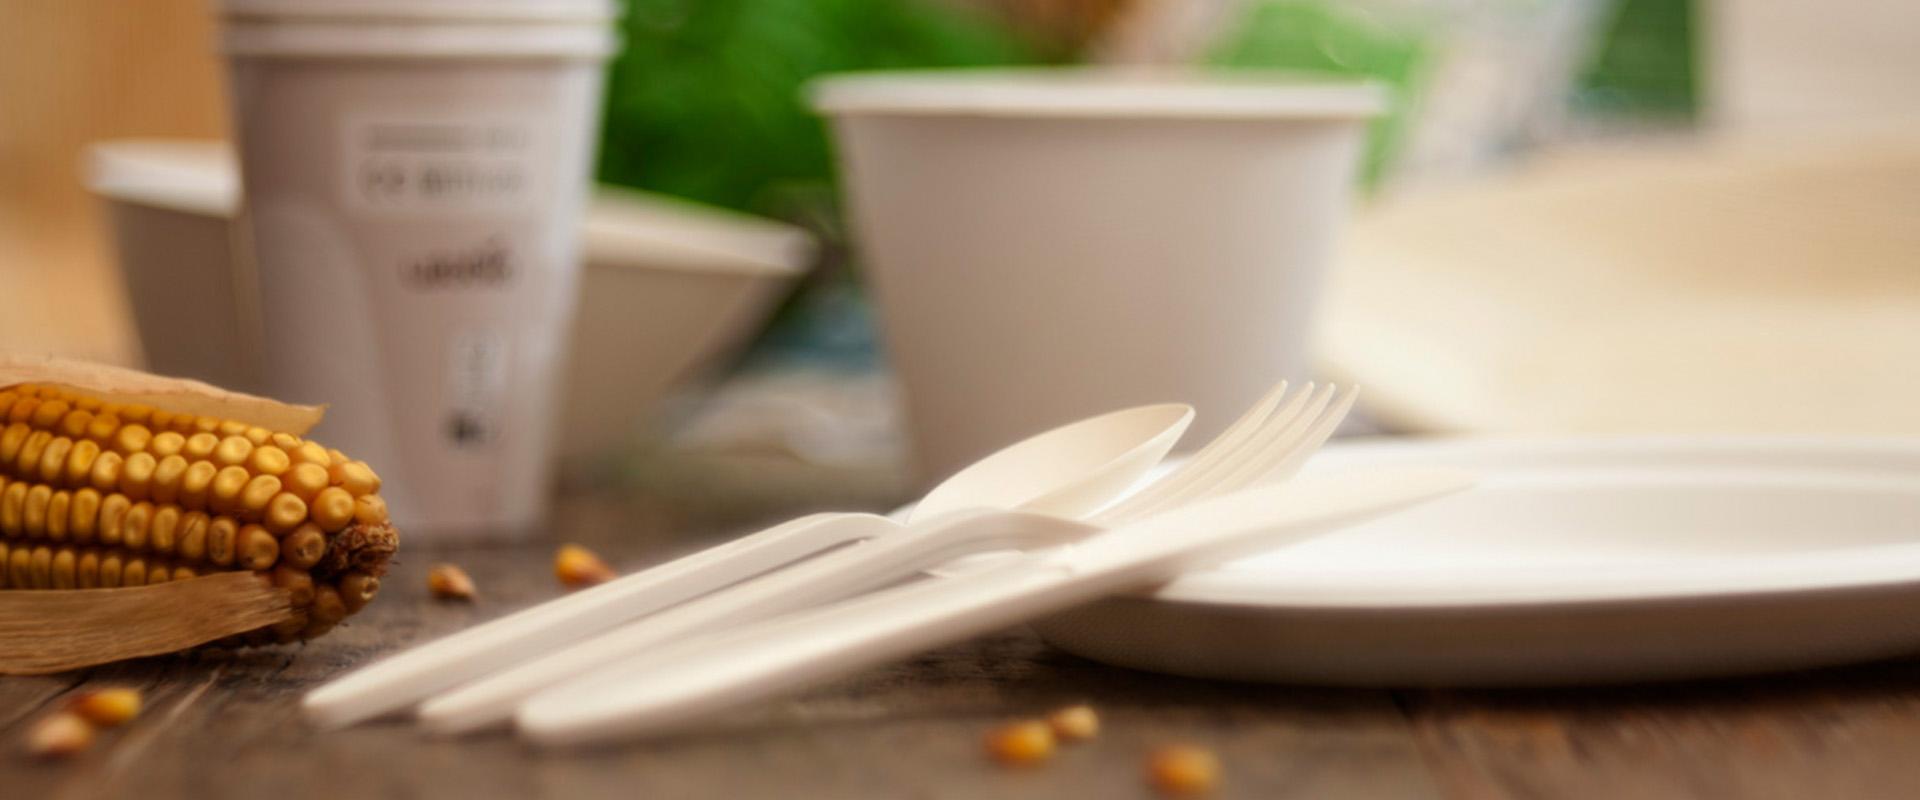 incentivi ambiente posate bioplastica compostabili - Finanza Agevolata